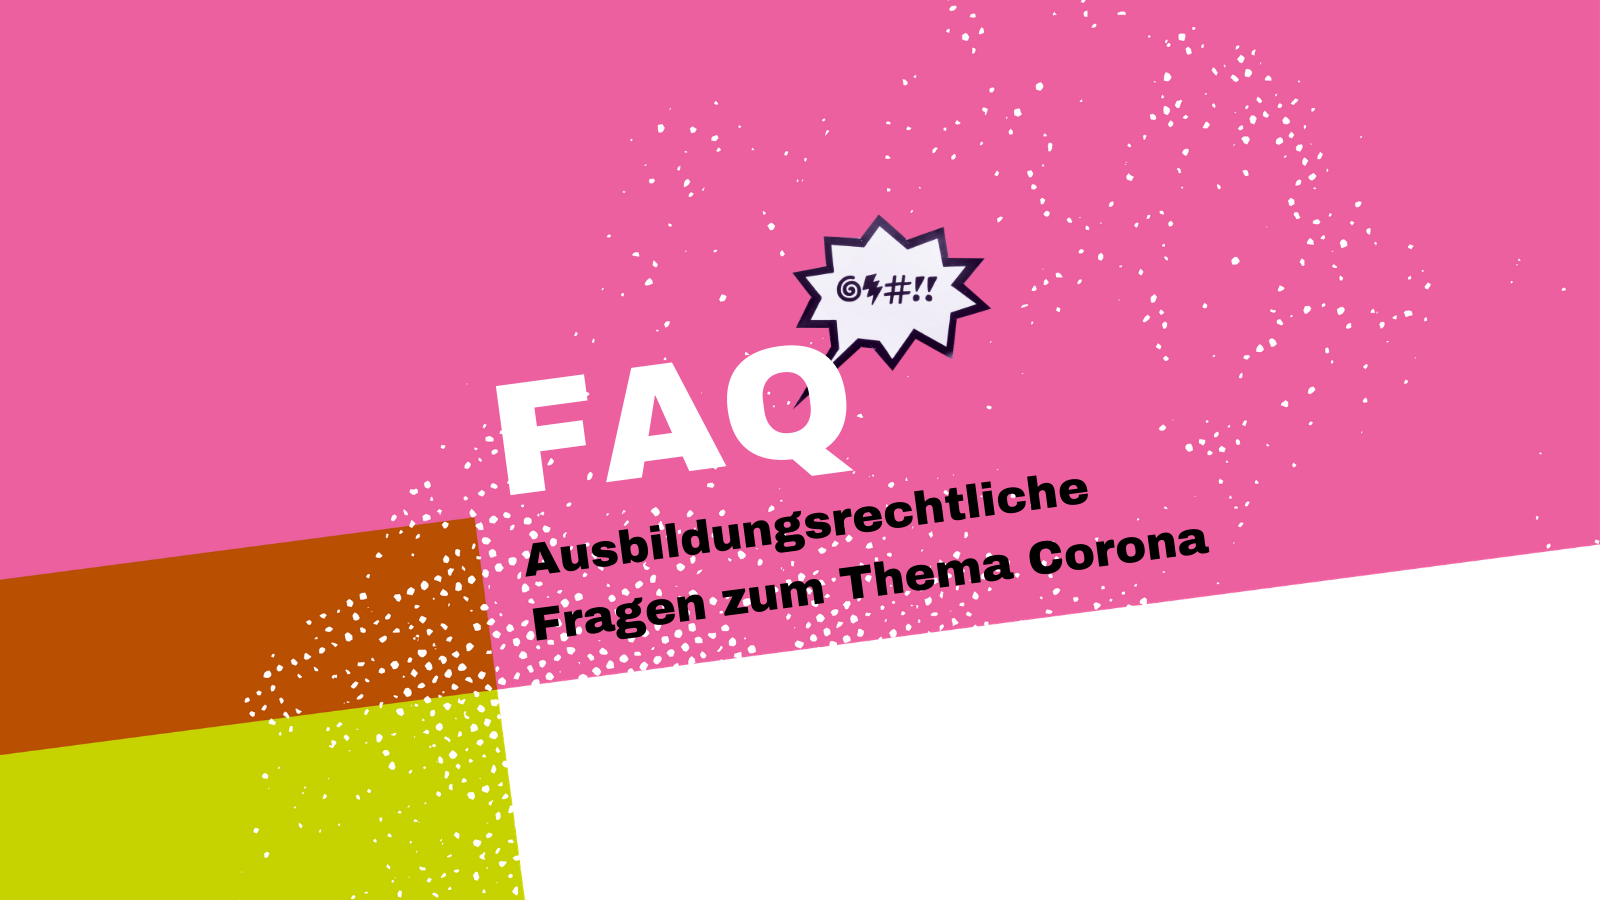 FAQ zum Thema Corona und Ausbildung